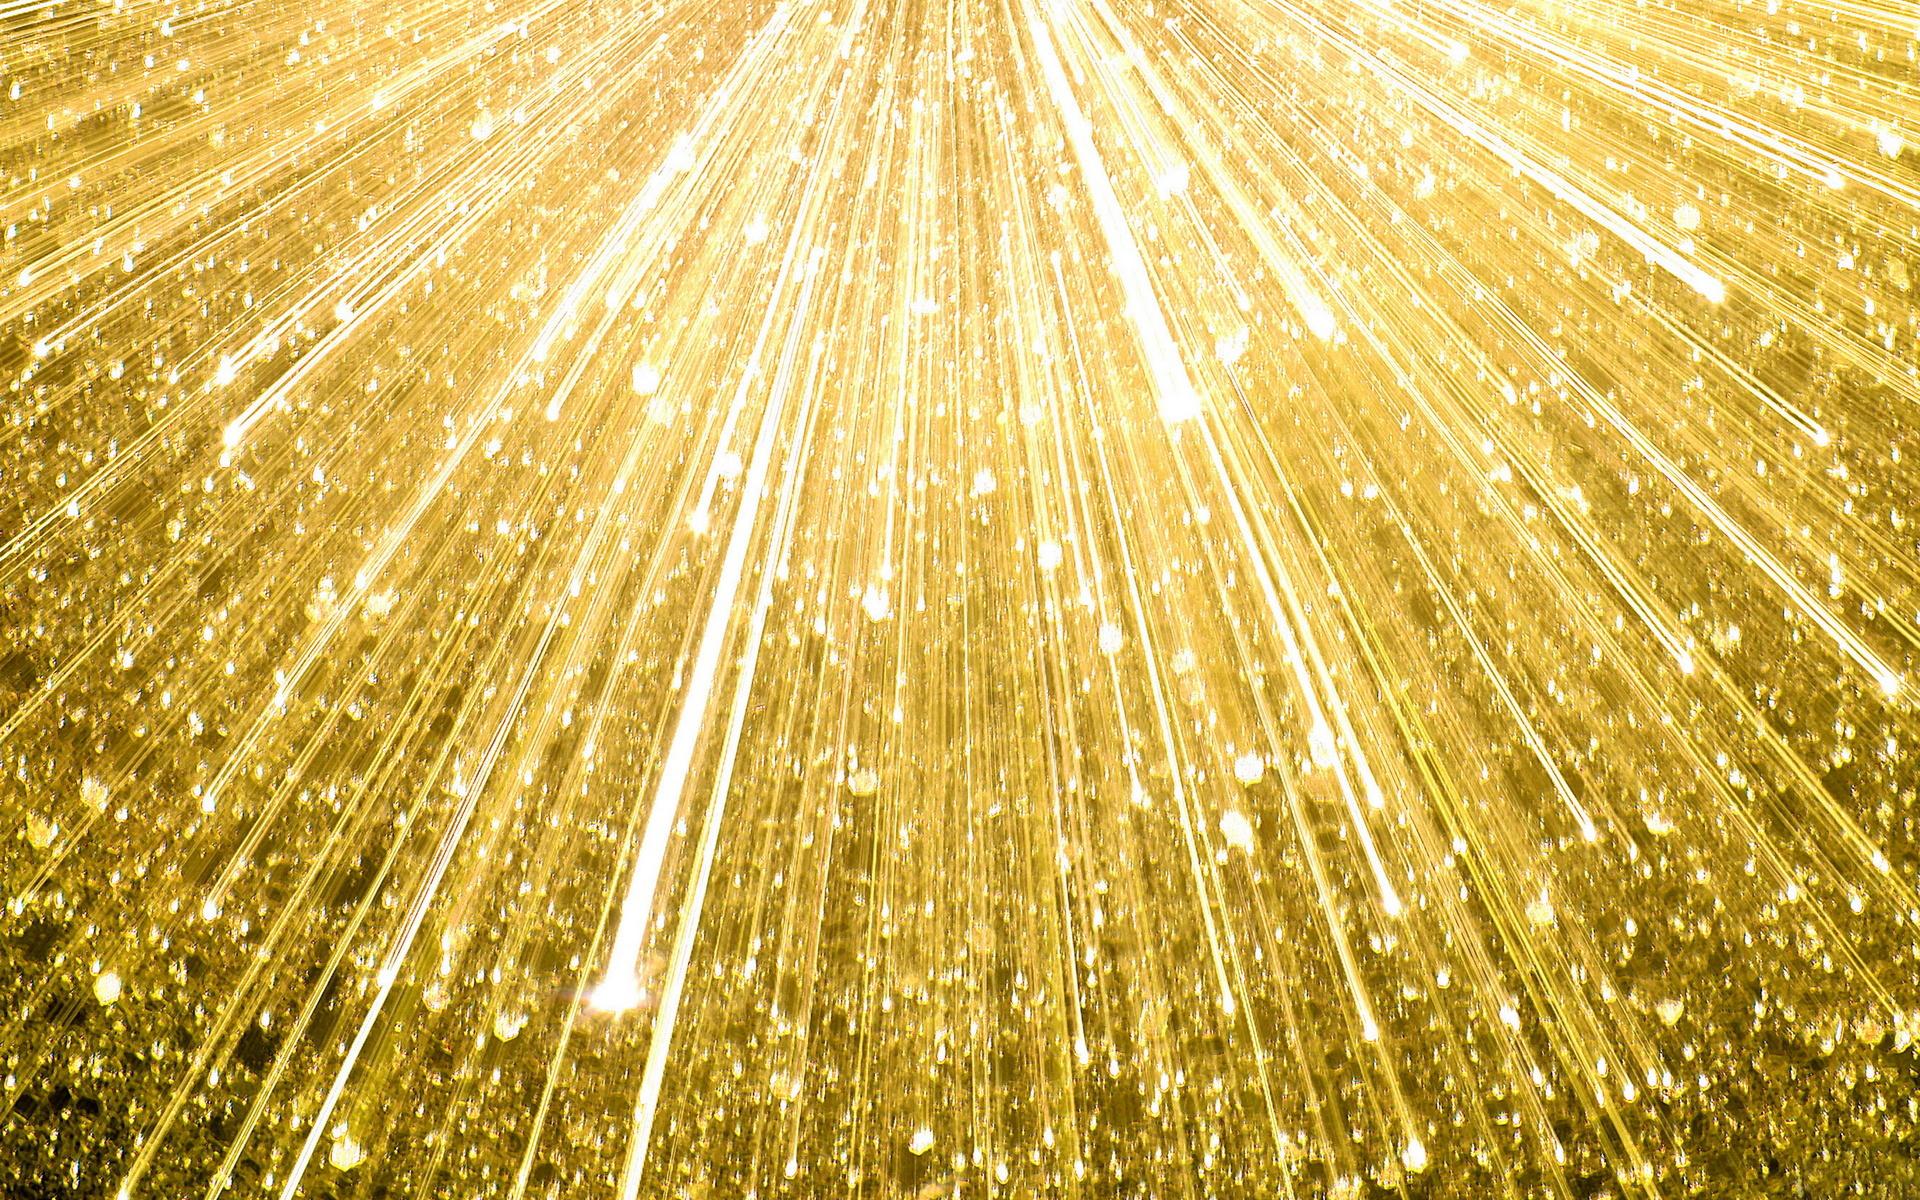 Смотреть золотой дождь на айфон без регистрации 18 фотография